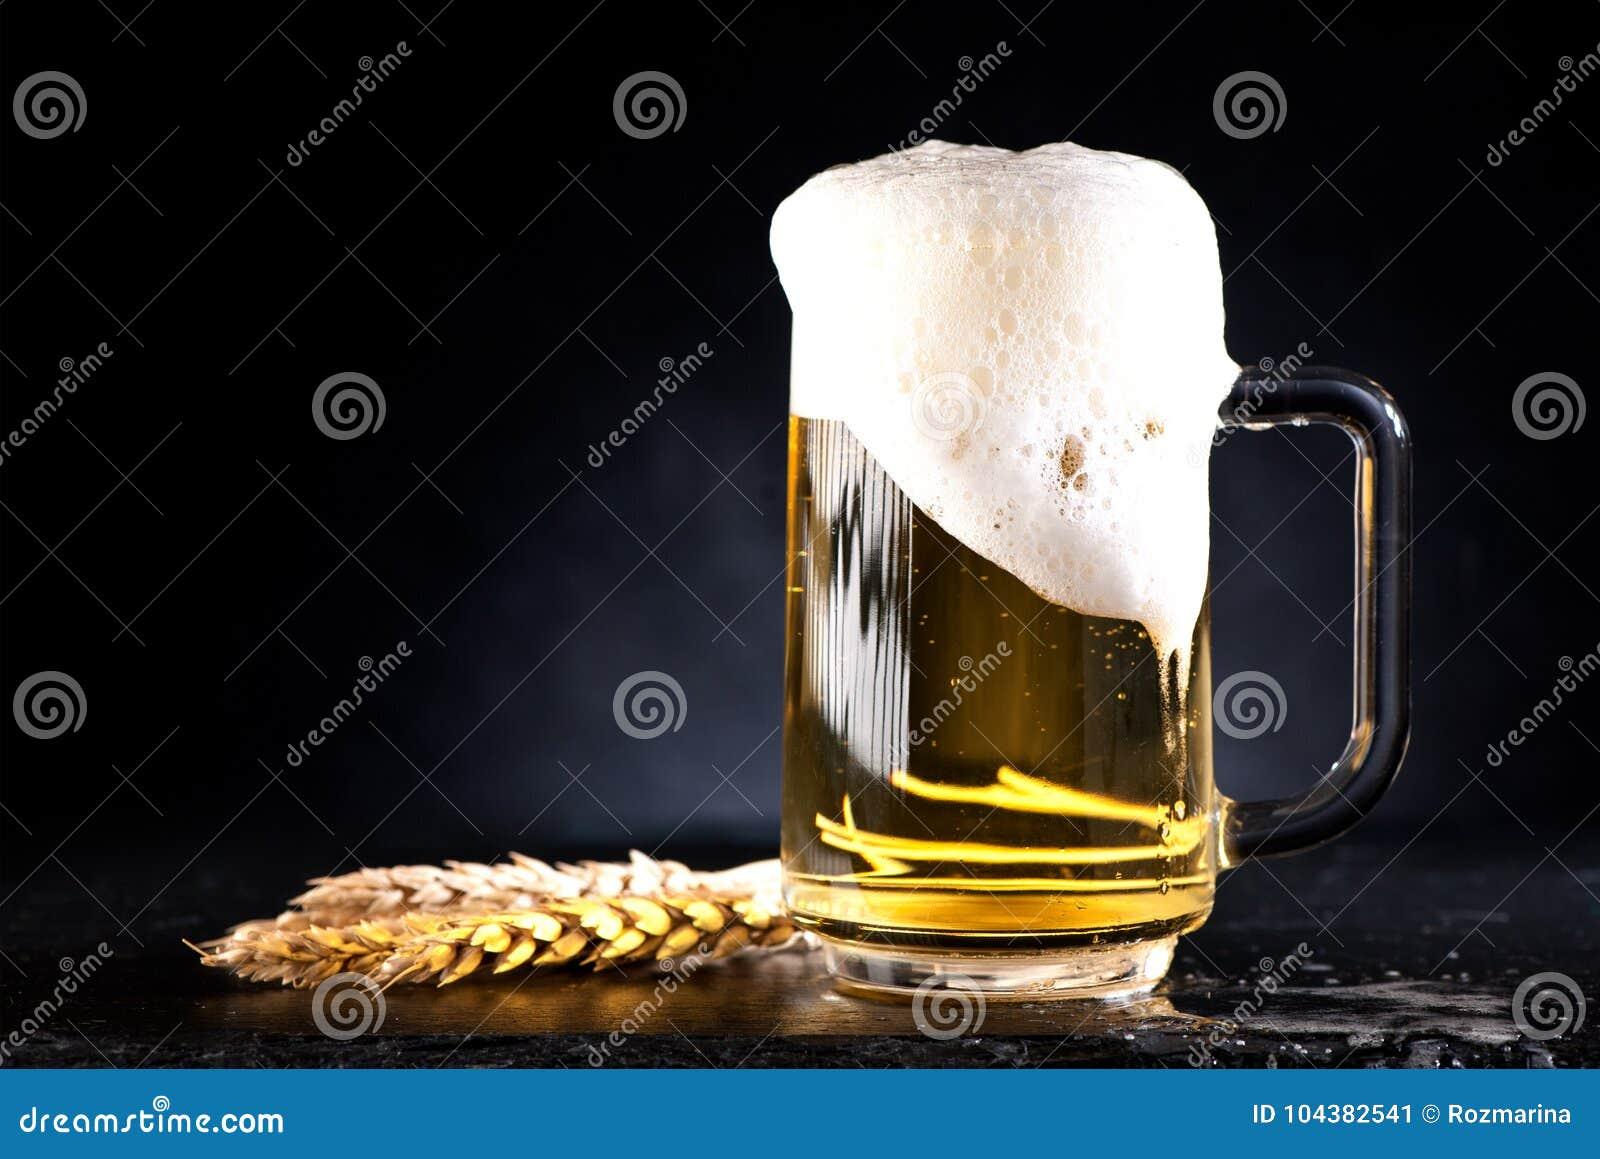 Taza de cerveza con espuma